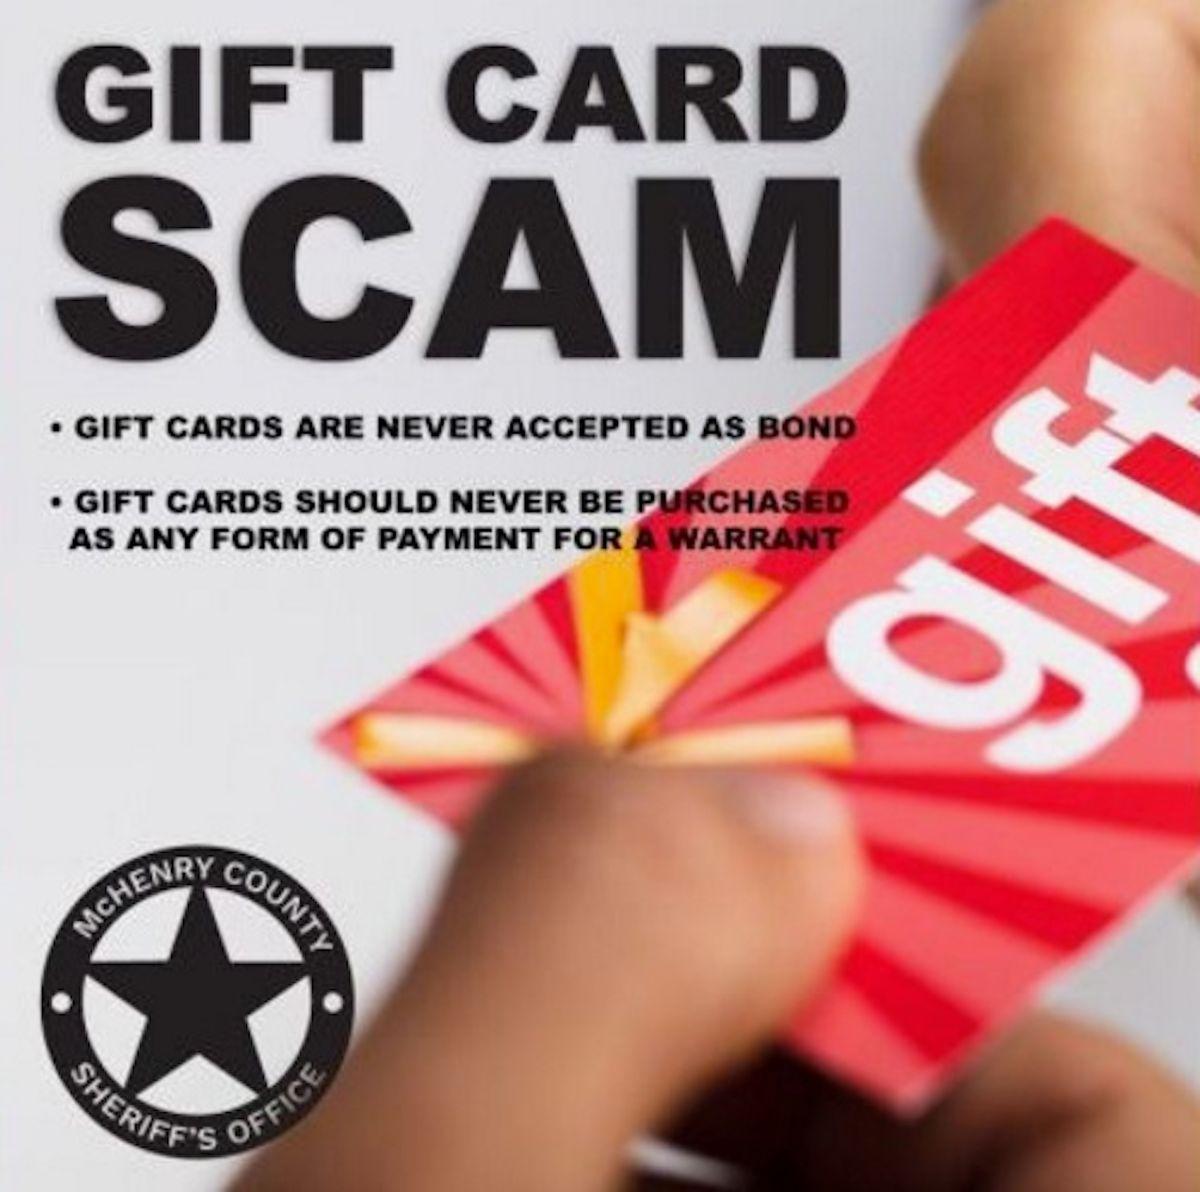 La oficina del alguacil del condado de McHenry alerta sobre una estafa relacionada con la compra de tarjetas de regalo para evitar ser arrestado. Foto Oficina del Alguacil del Condado McHenry en Illinois